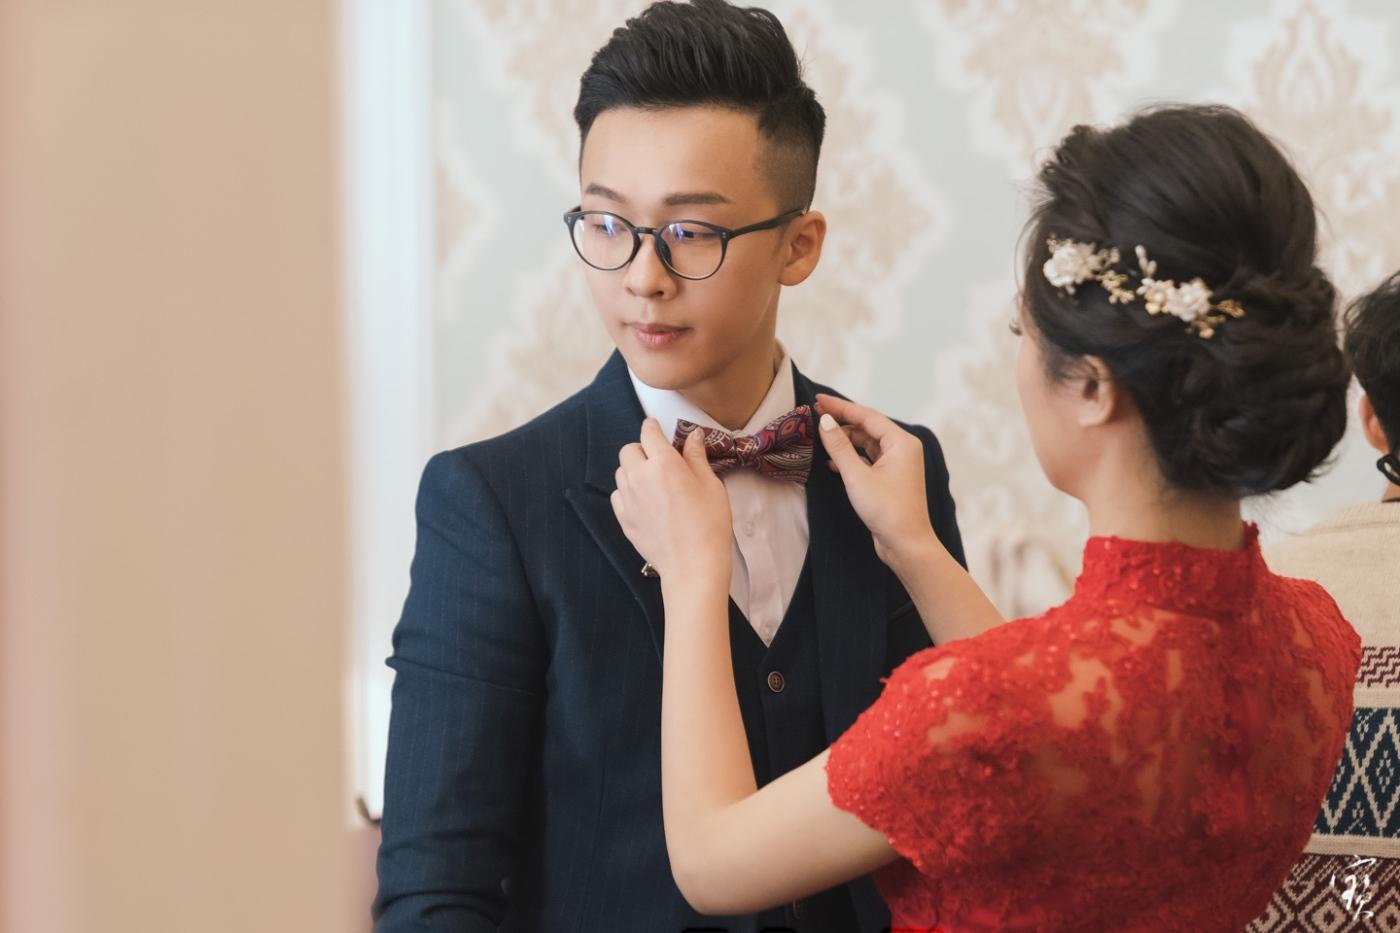 婚禮攝影 婚紗 大直 典華 冬半影像 攝影師大寶 北部攝影 台北攝影 桃園攝影 新竹攝影20181208-63